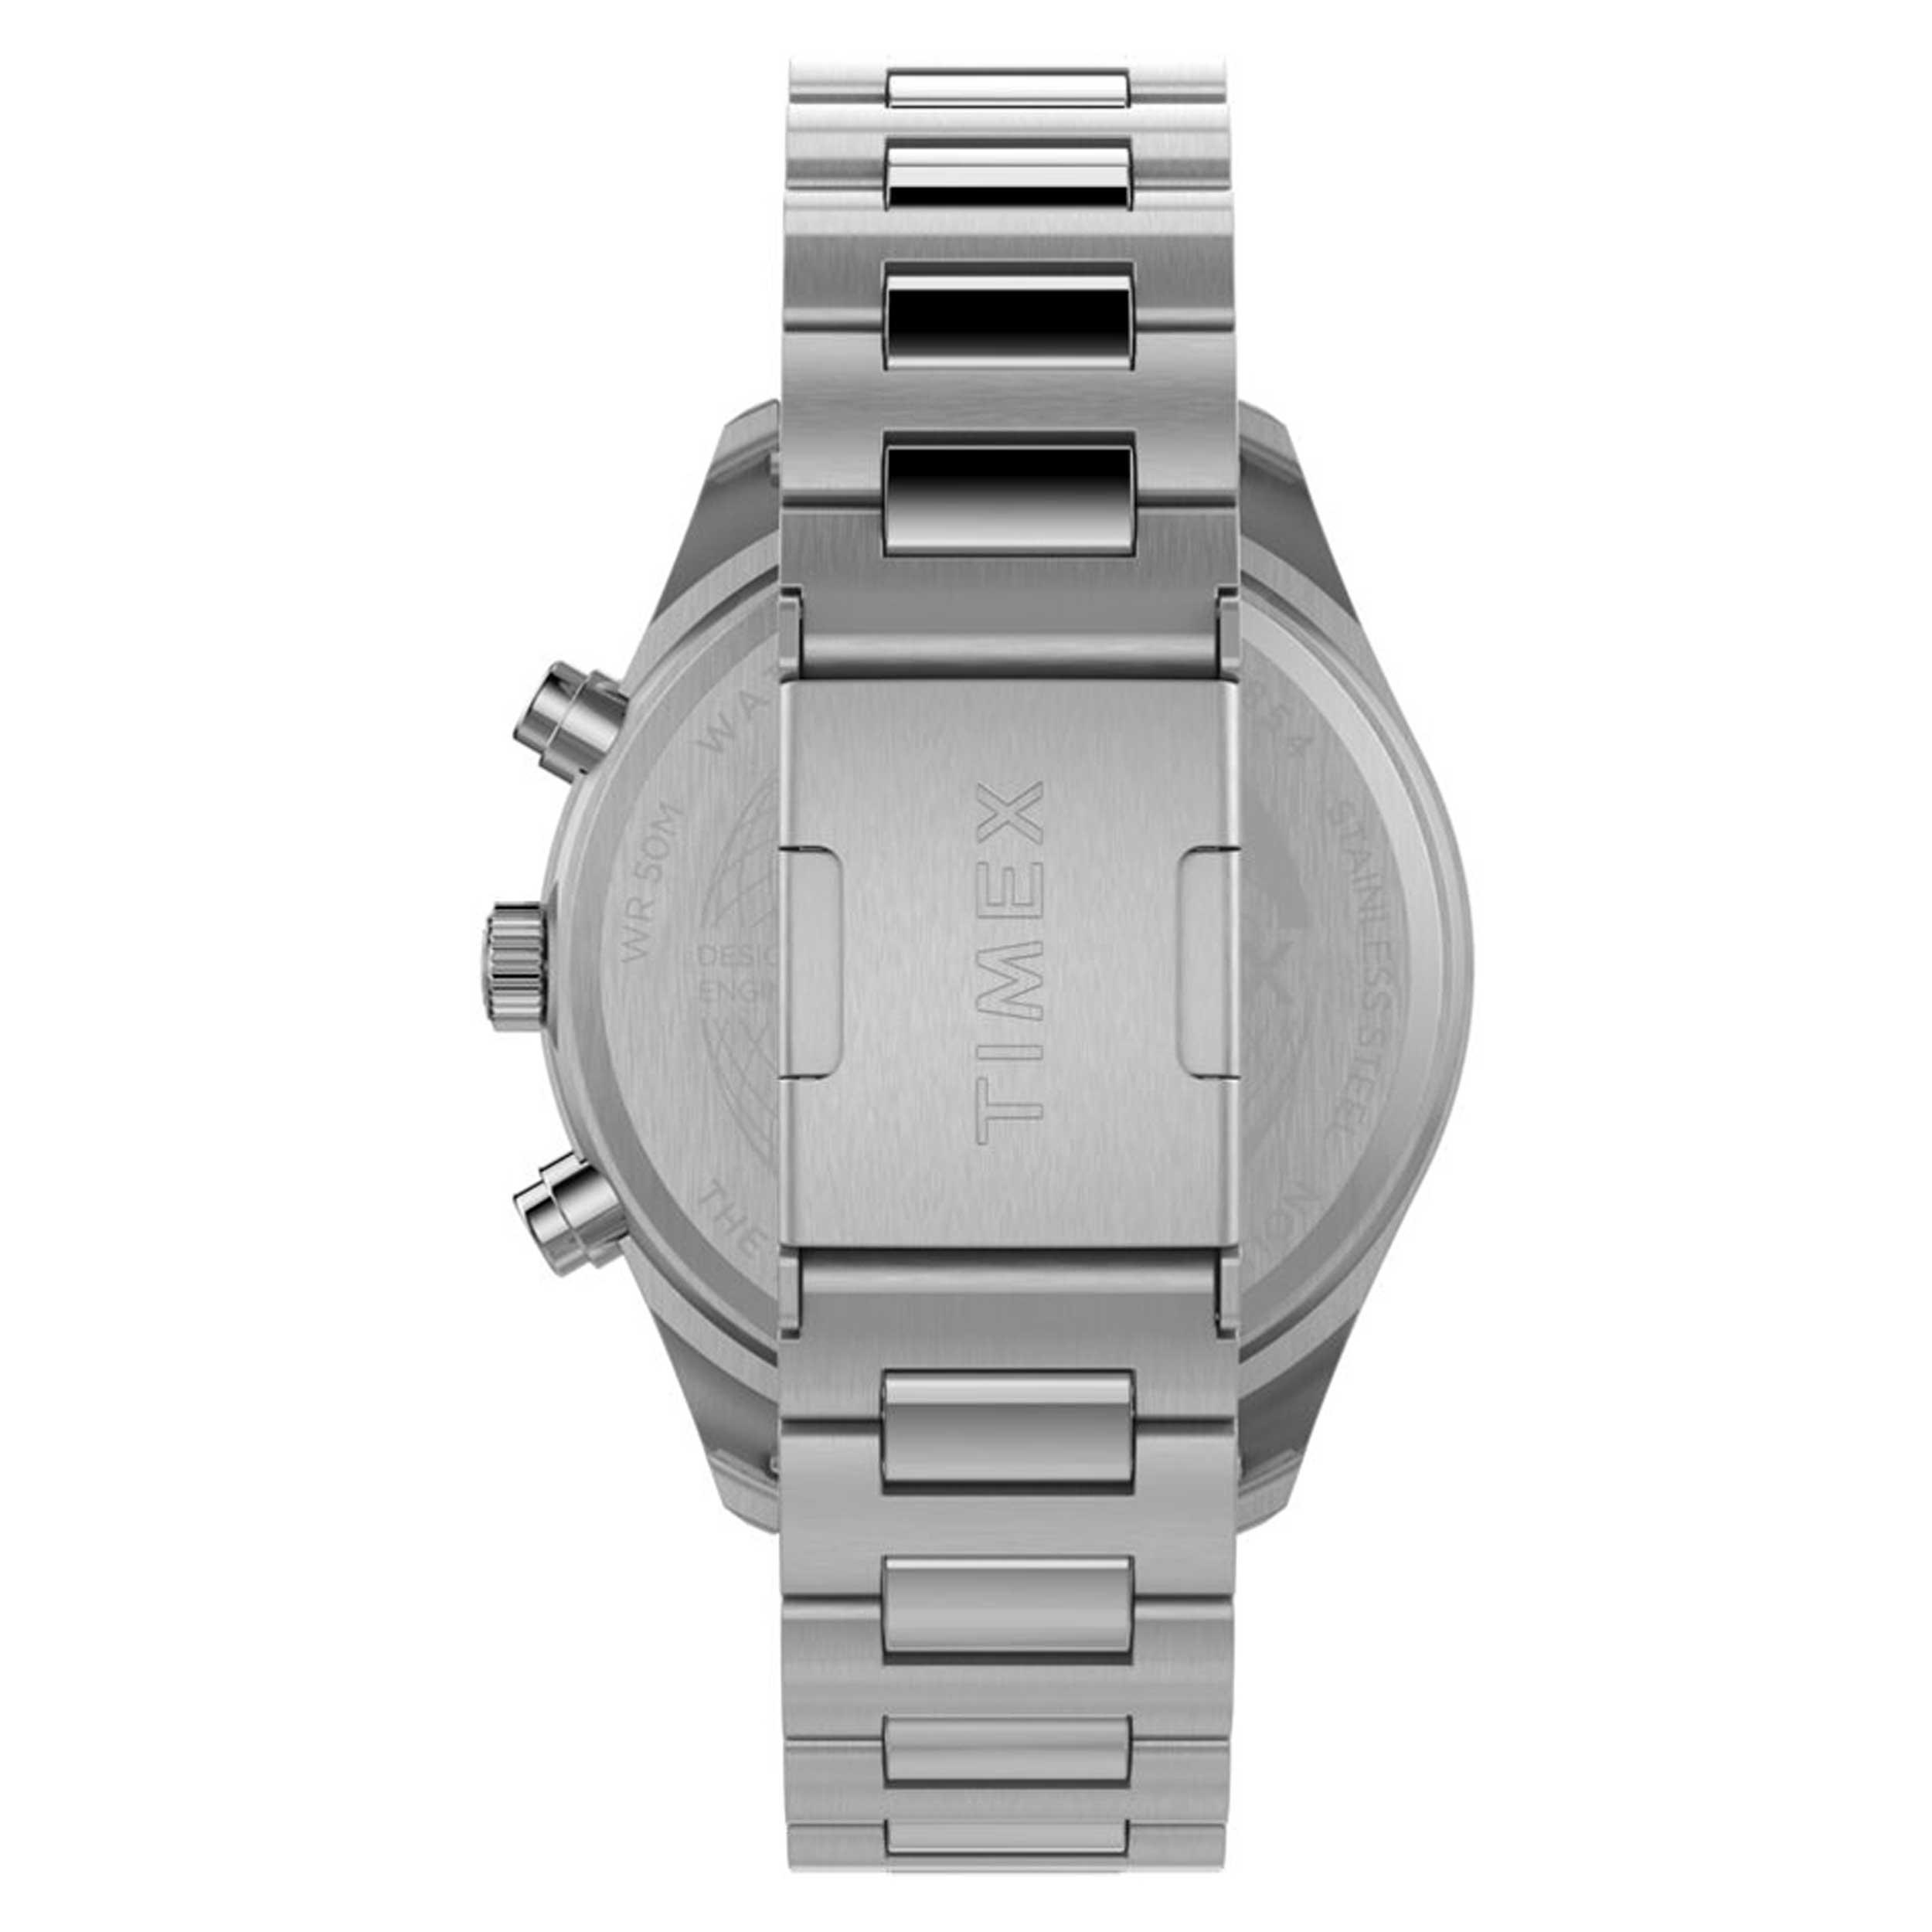 ساعت مچی عقربه ای مردانه تایمکس مدل TW2T70400              ارزان